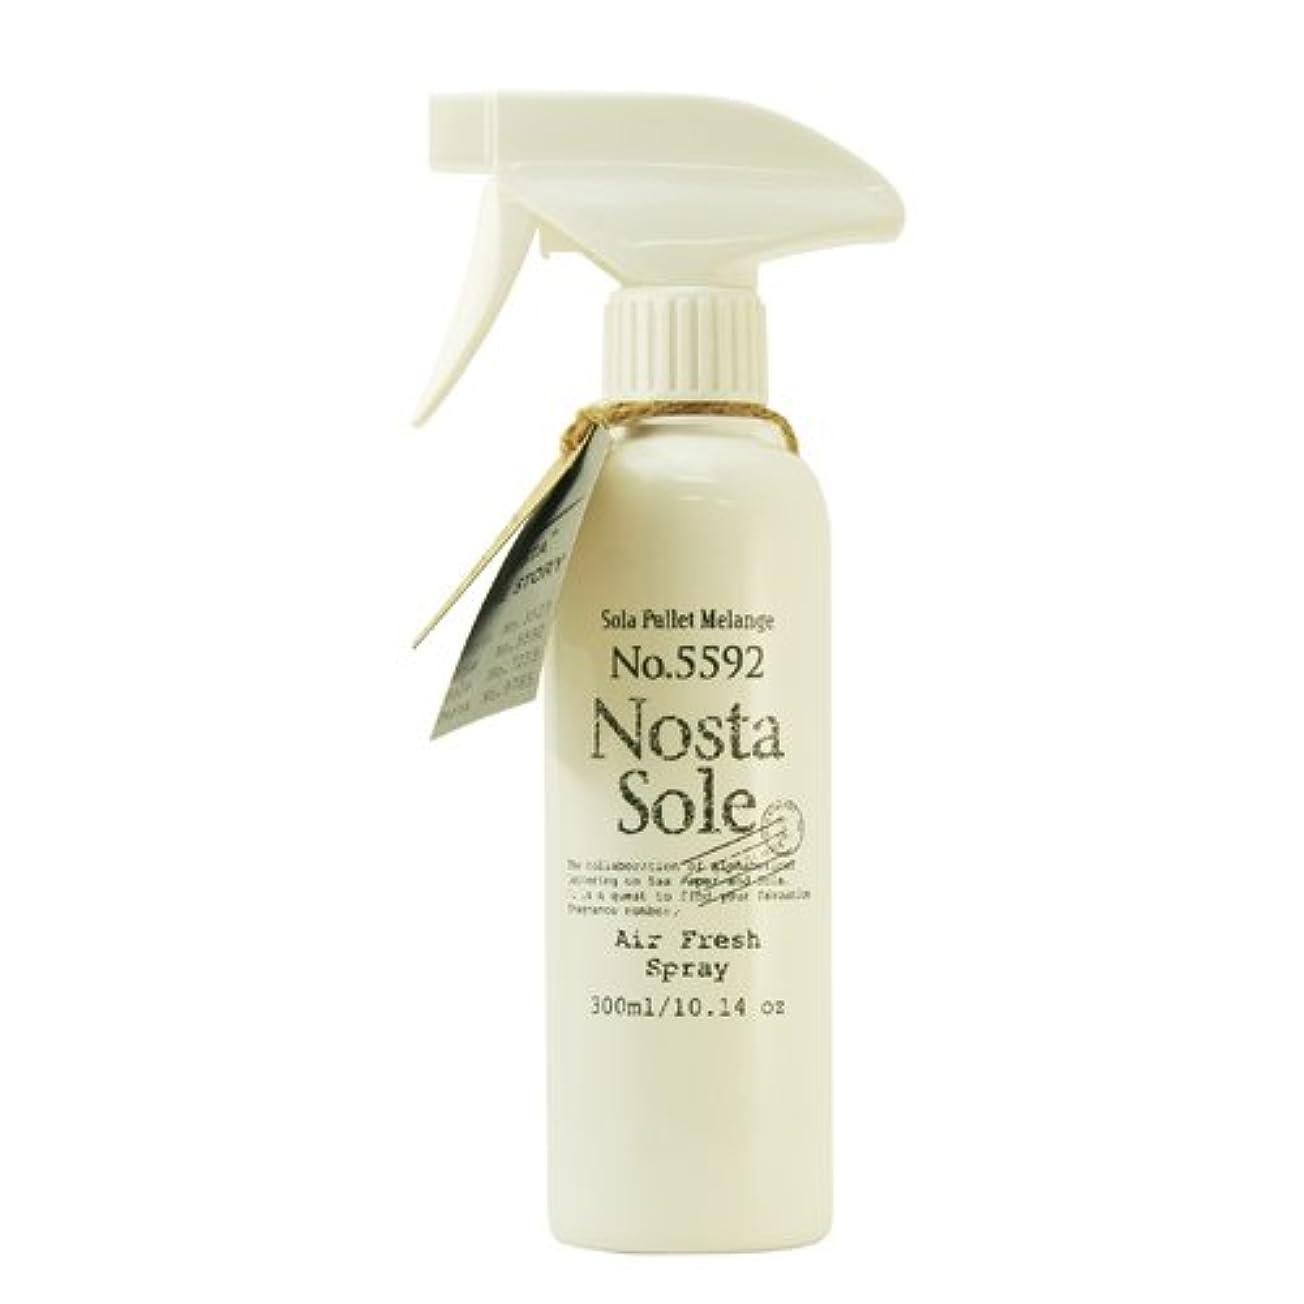 反抗供給アメリカNosta ノスタ Air Fresh Spray エアーフレッシュスプレー(ルームスプレー)Sole ソーレ / 太陽